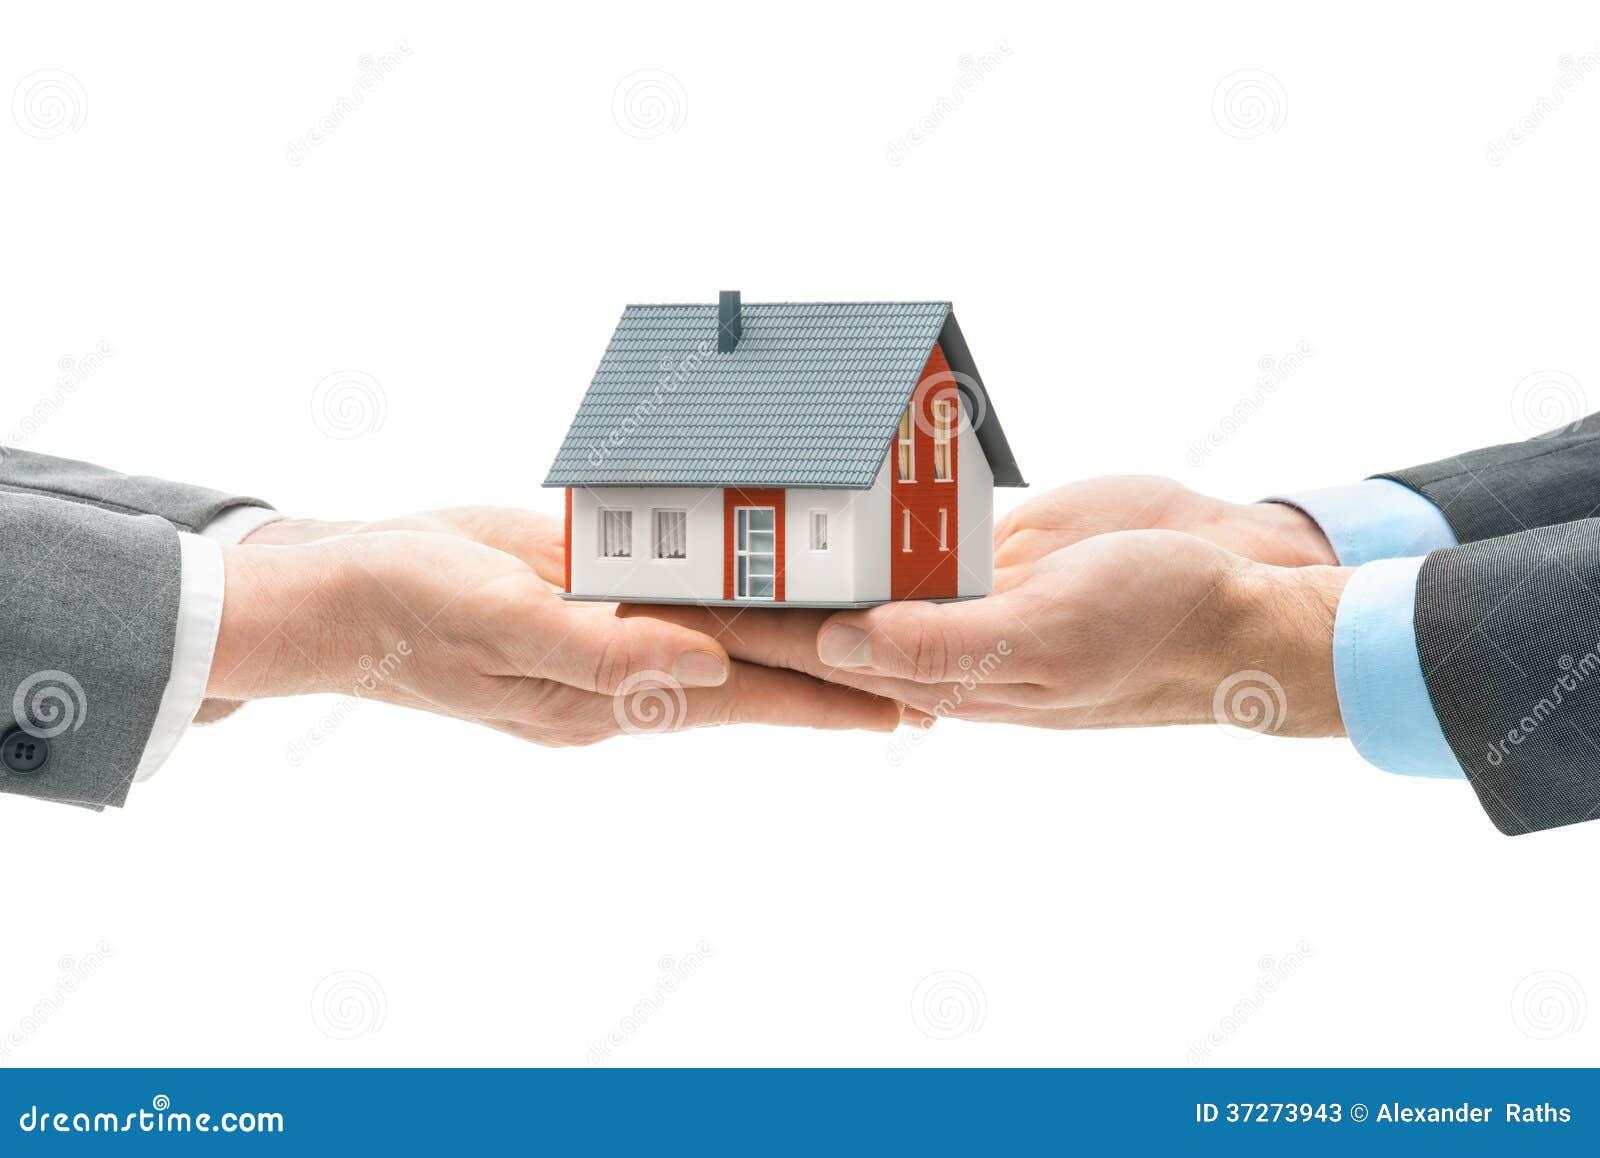 Mãos que dão o modelo da casa a outras mãos